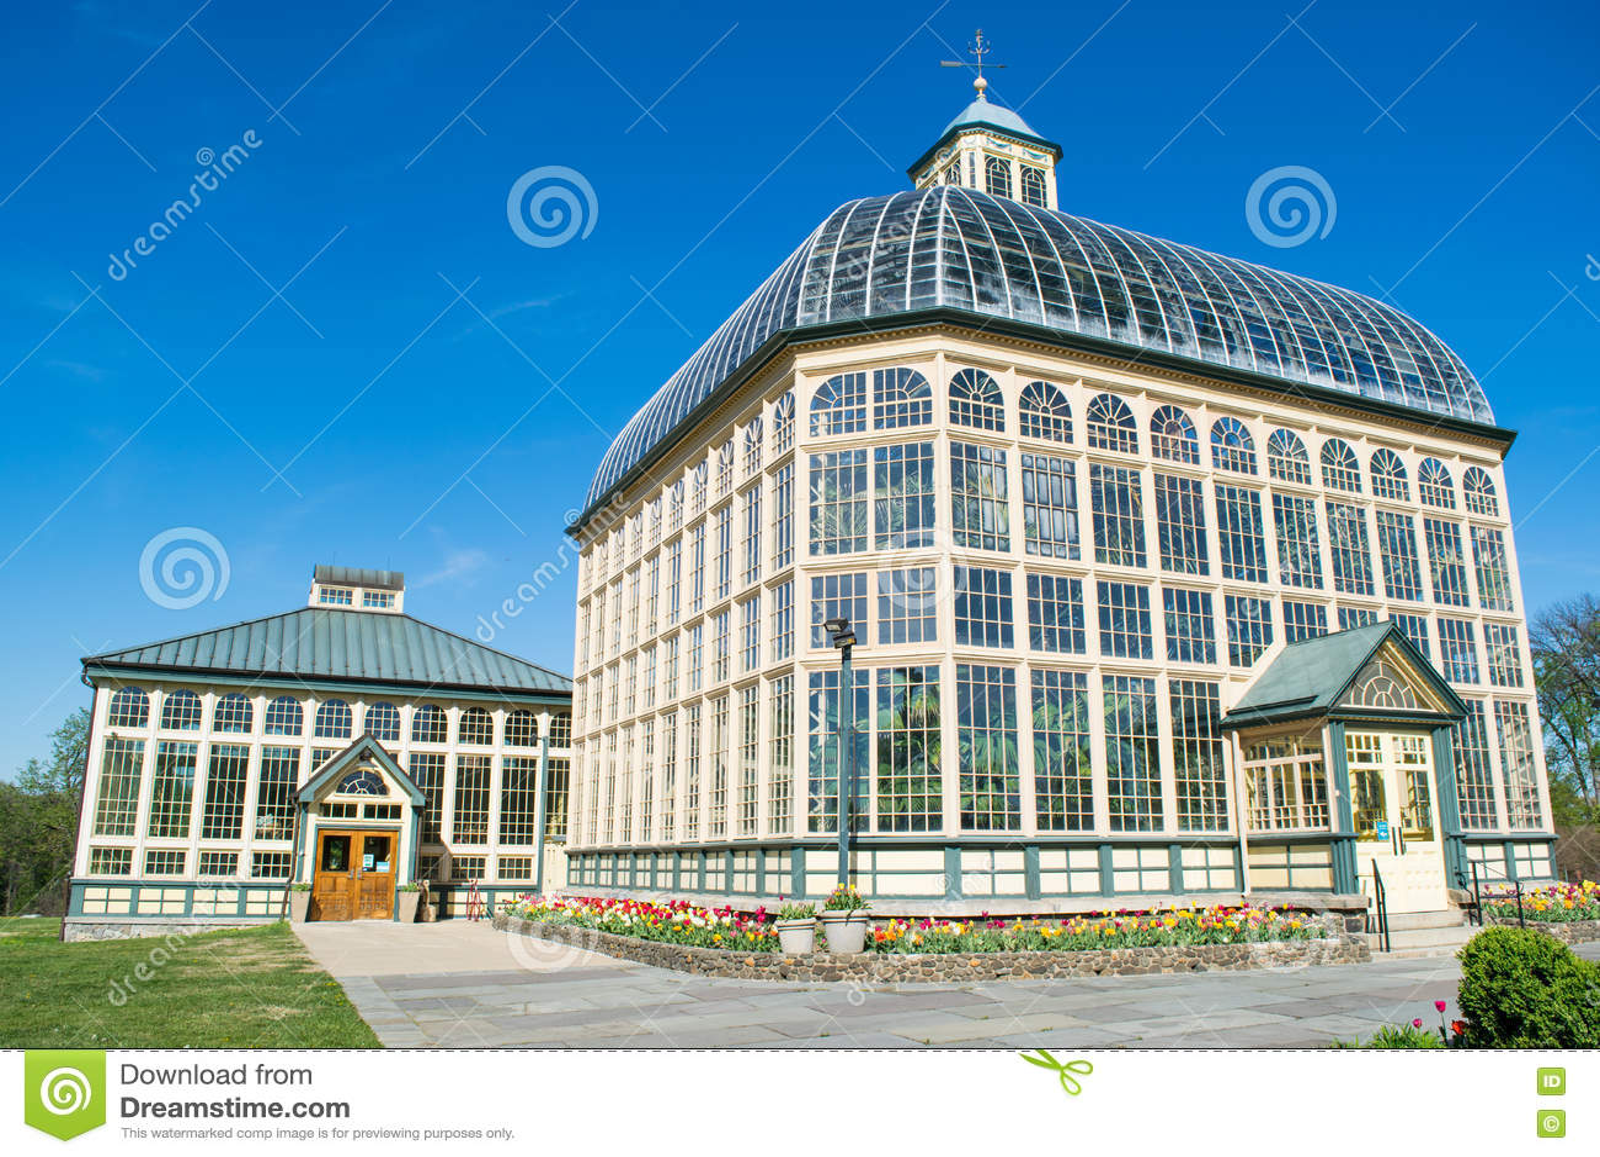 H P Консерватория Rawlings и ботанические сады в равенстве холма друида